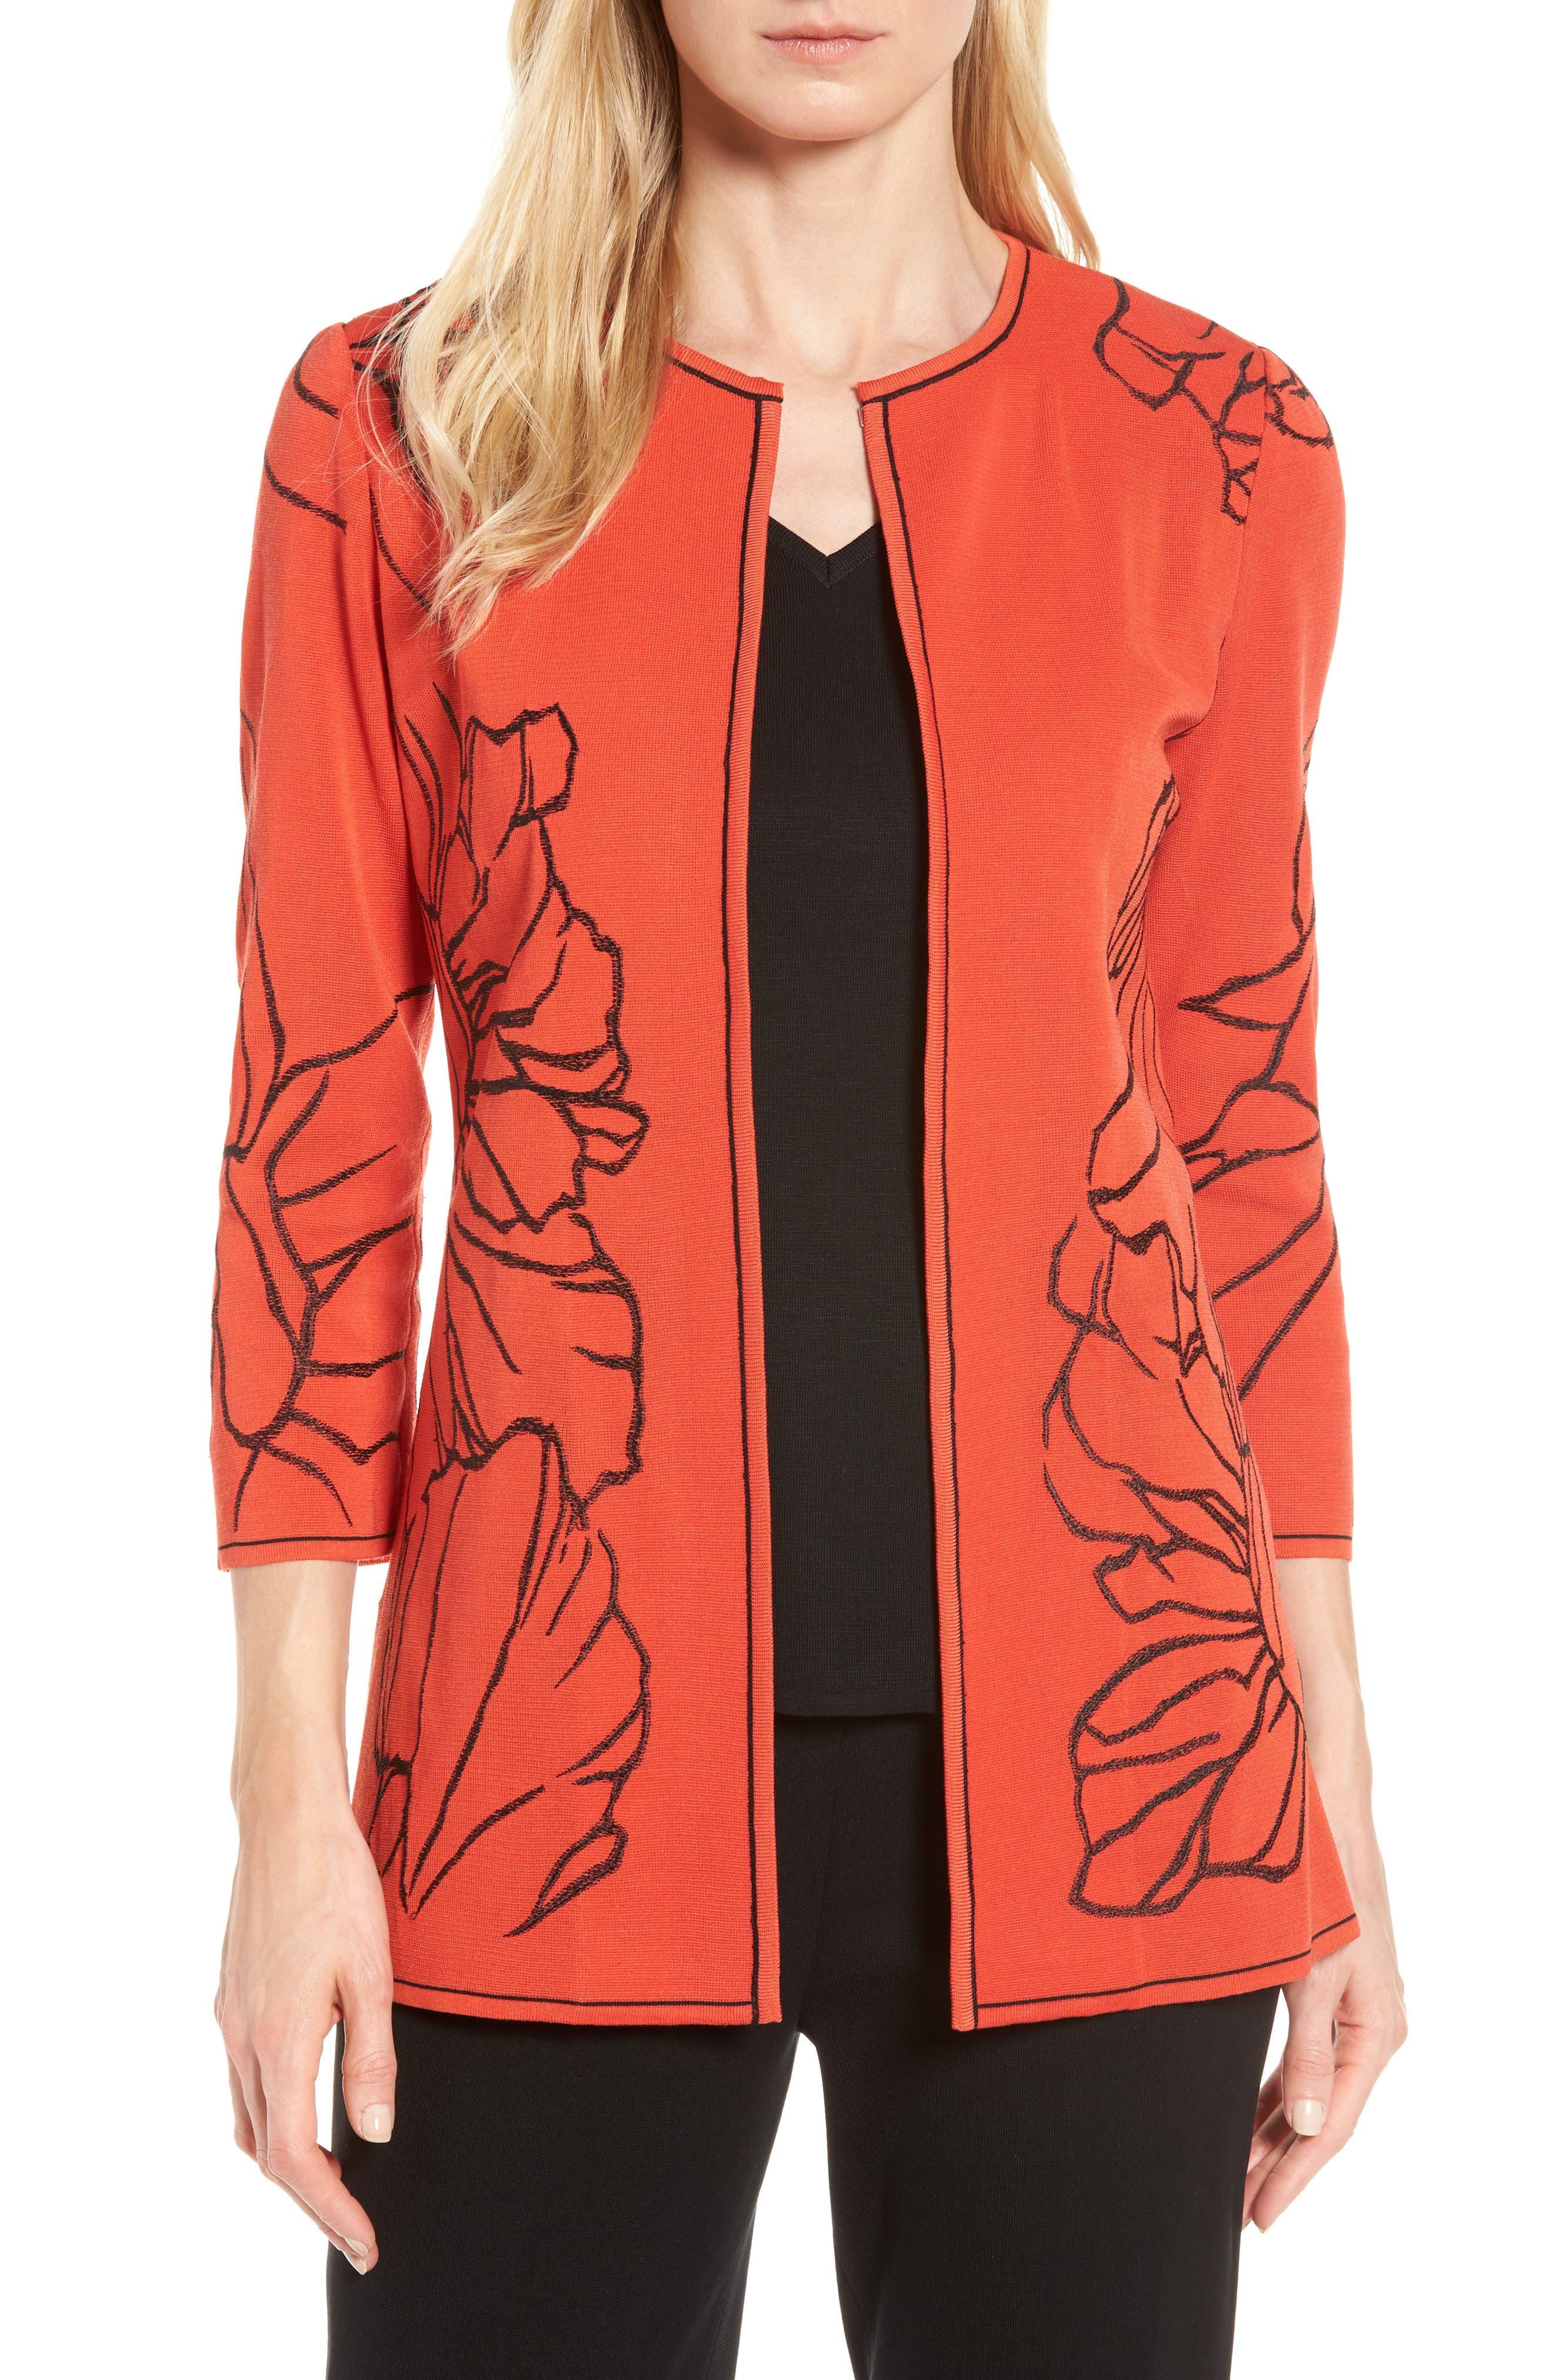 Main Image - Ming Wang Embroidered Knit Jacket